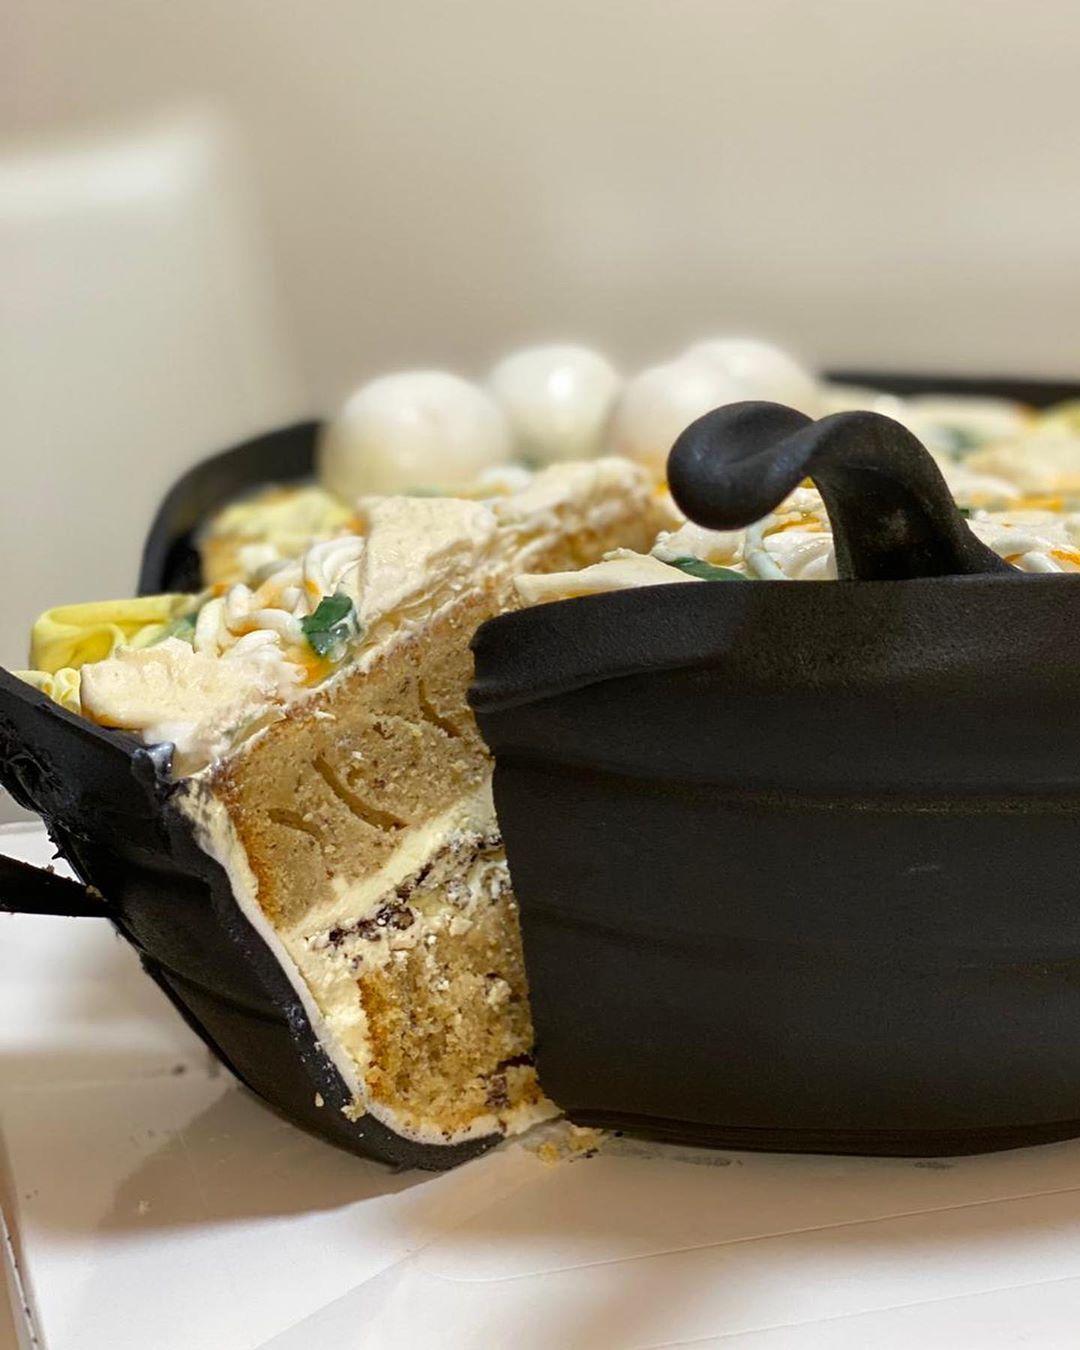 Baker Bikin Illusion Cake